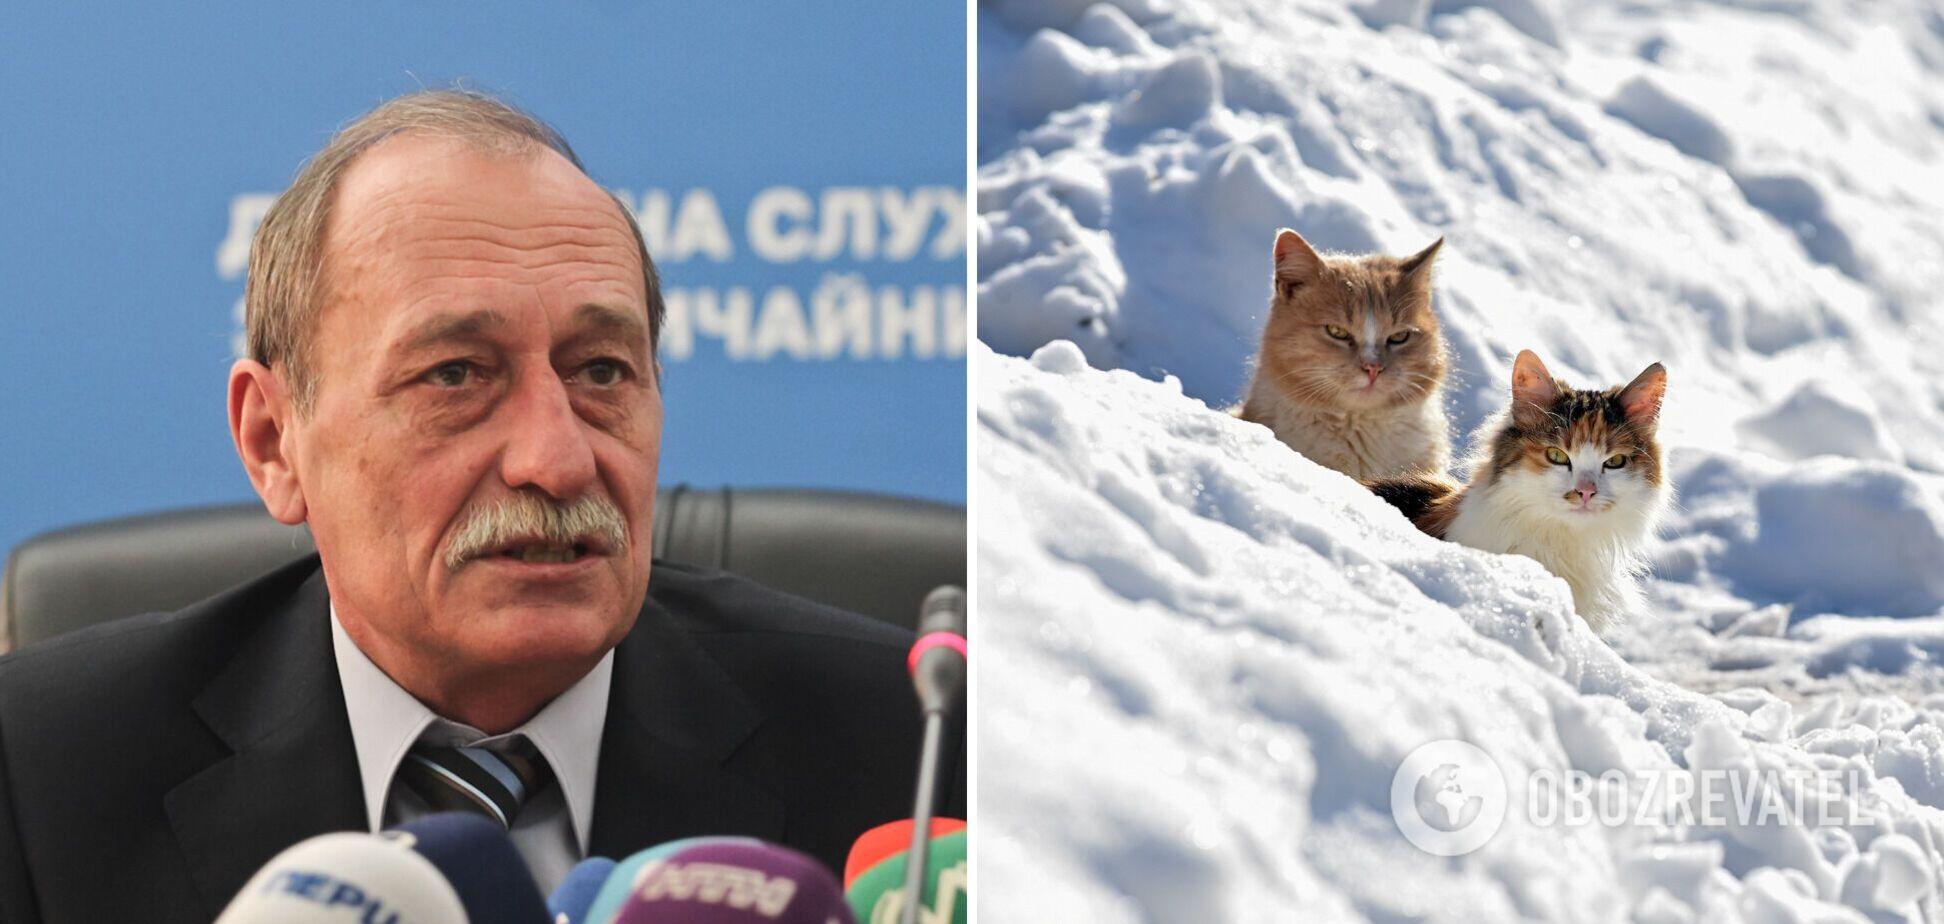 Кульбіда вважає, що зима в Україні може зникнути